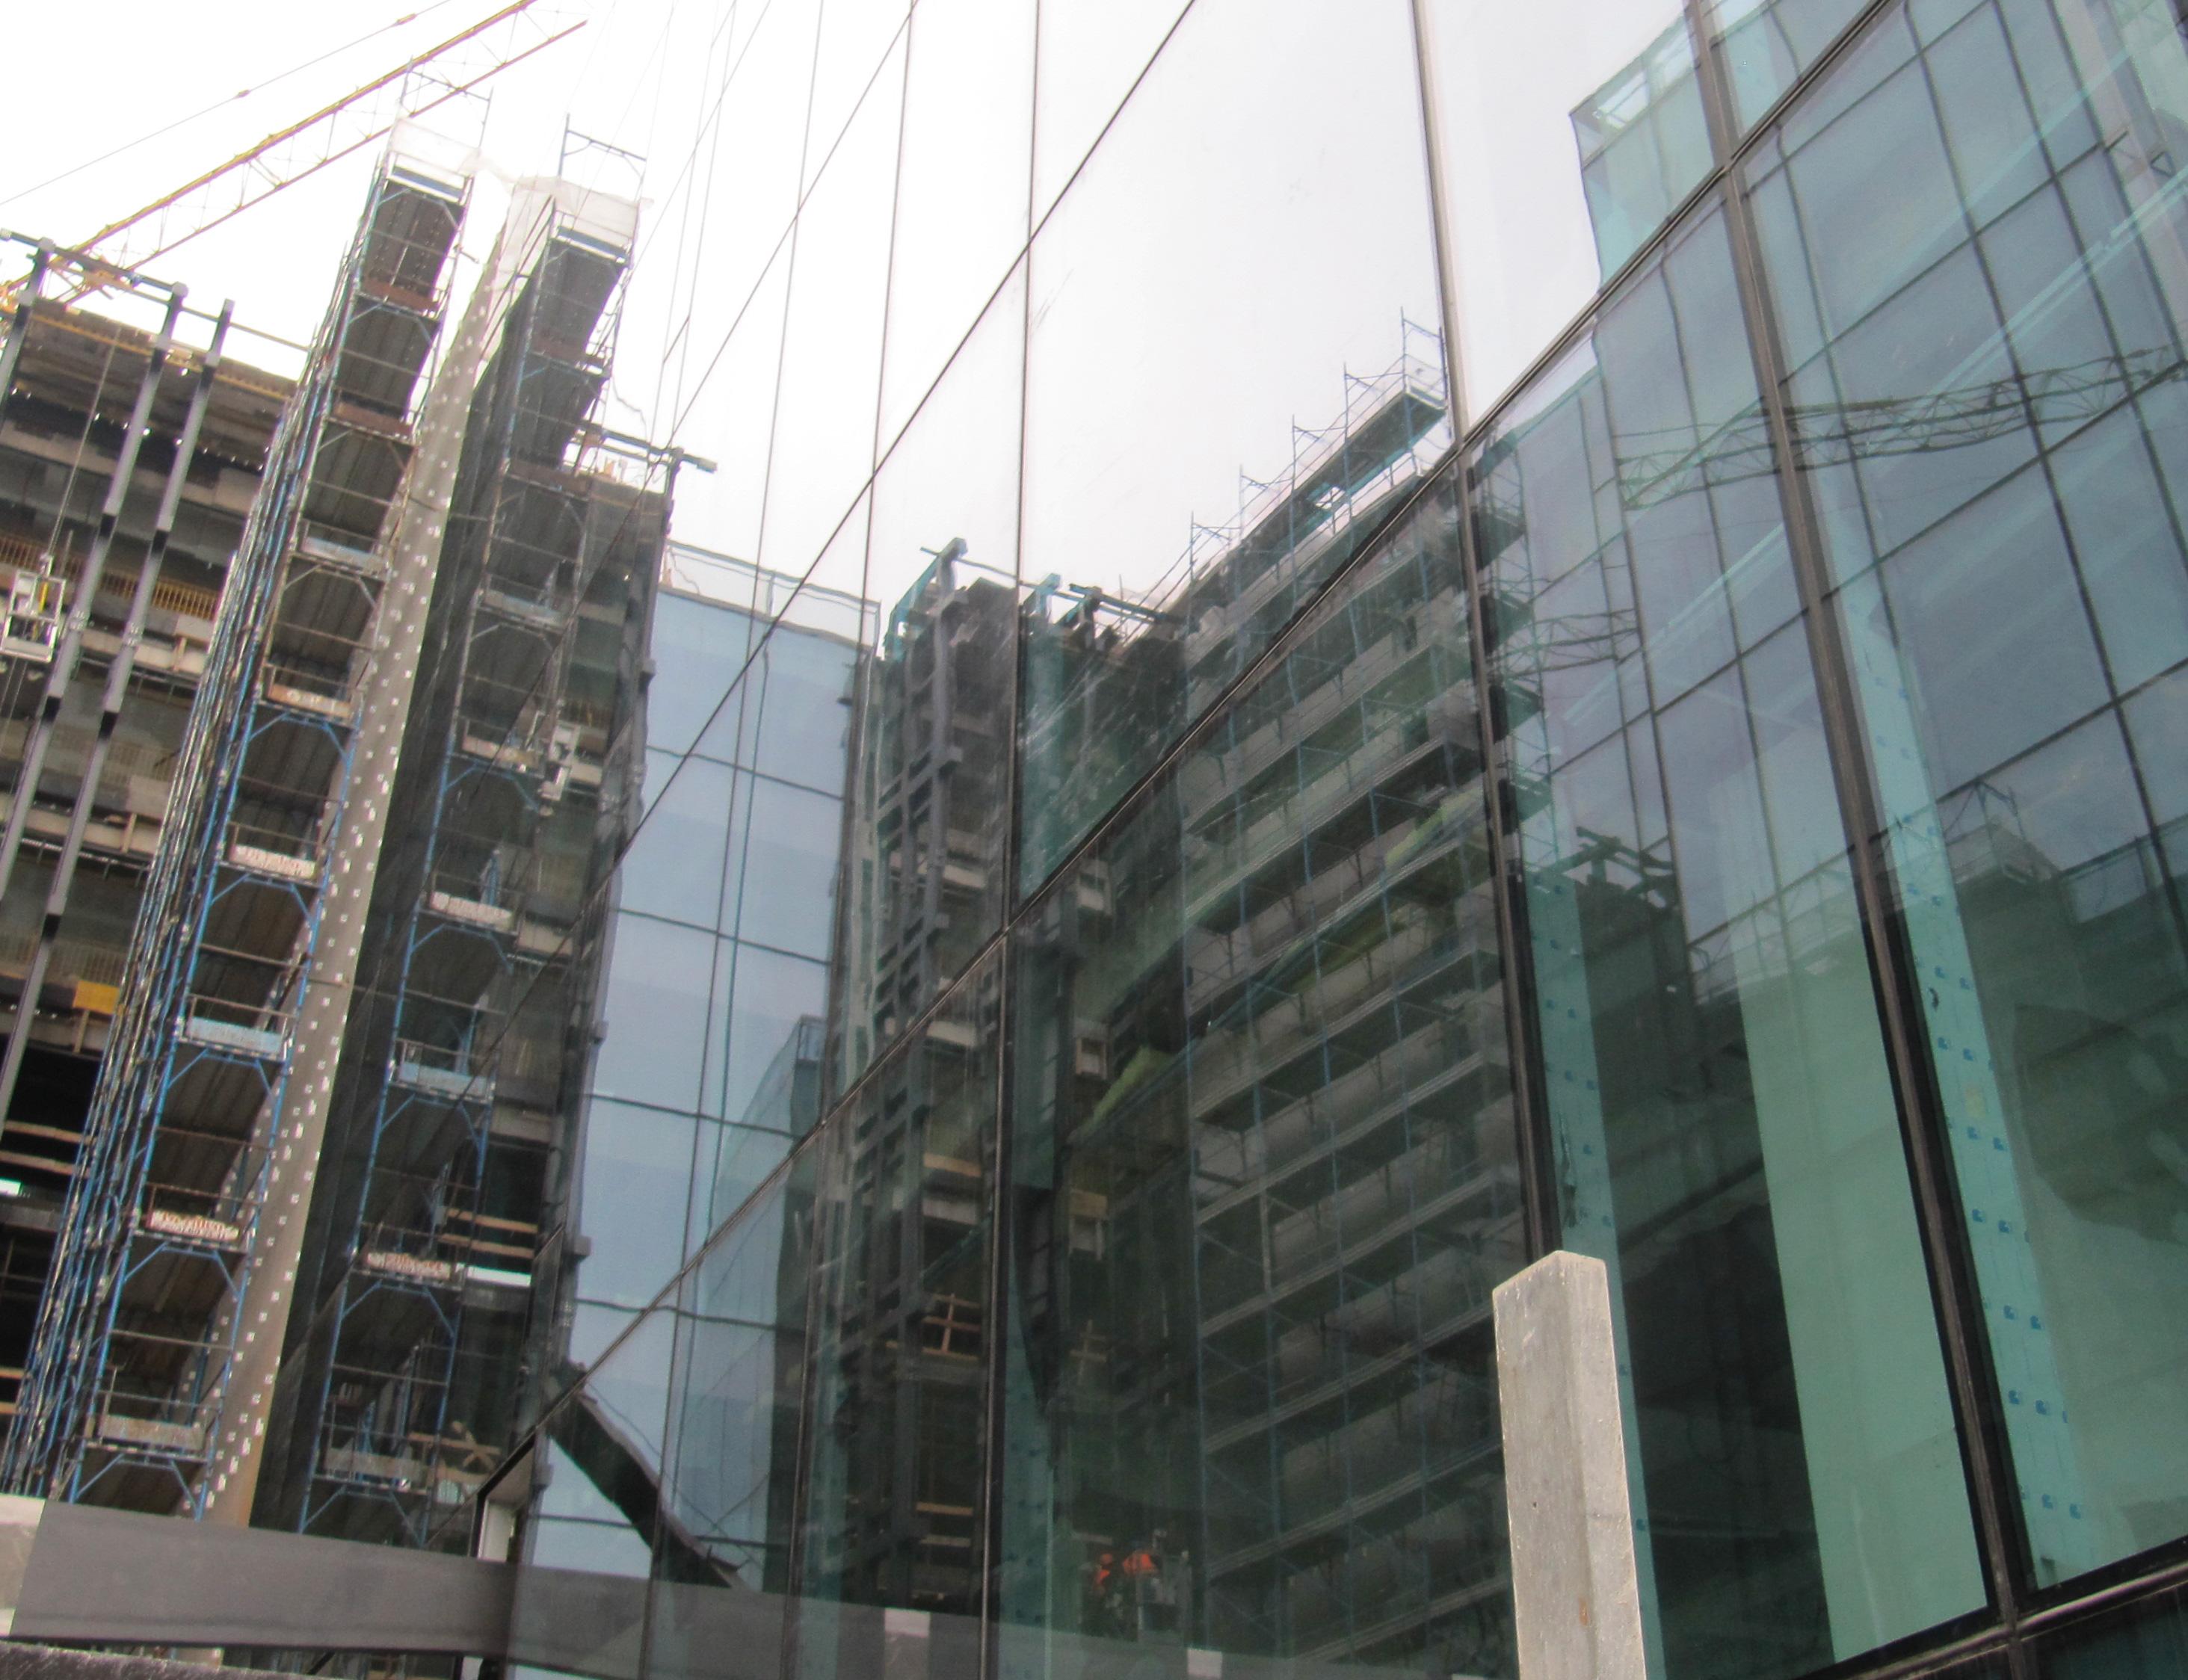 trattamento-AVF-edificio-facciate-continue-milano